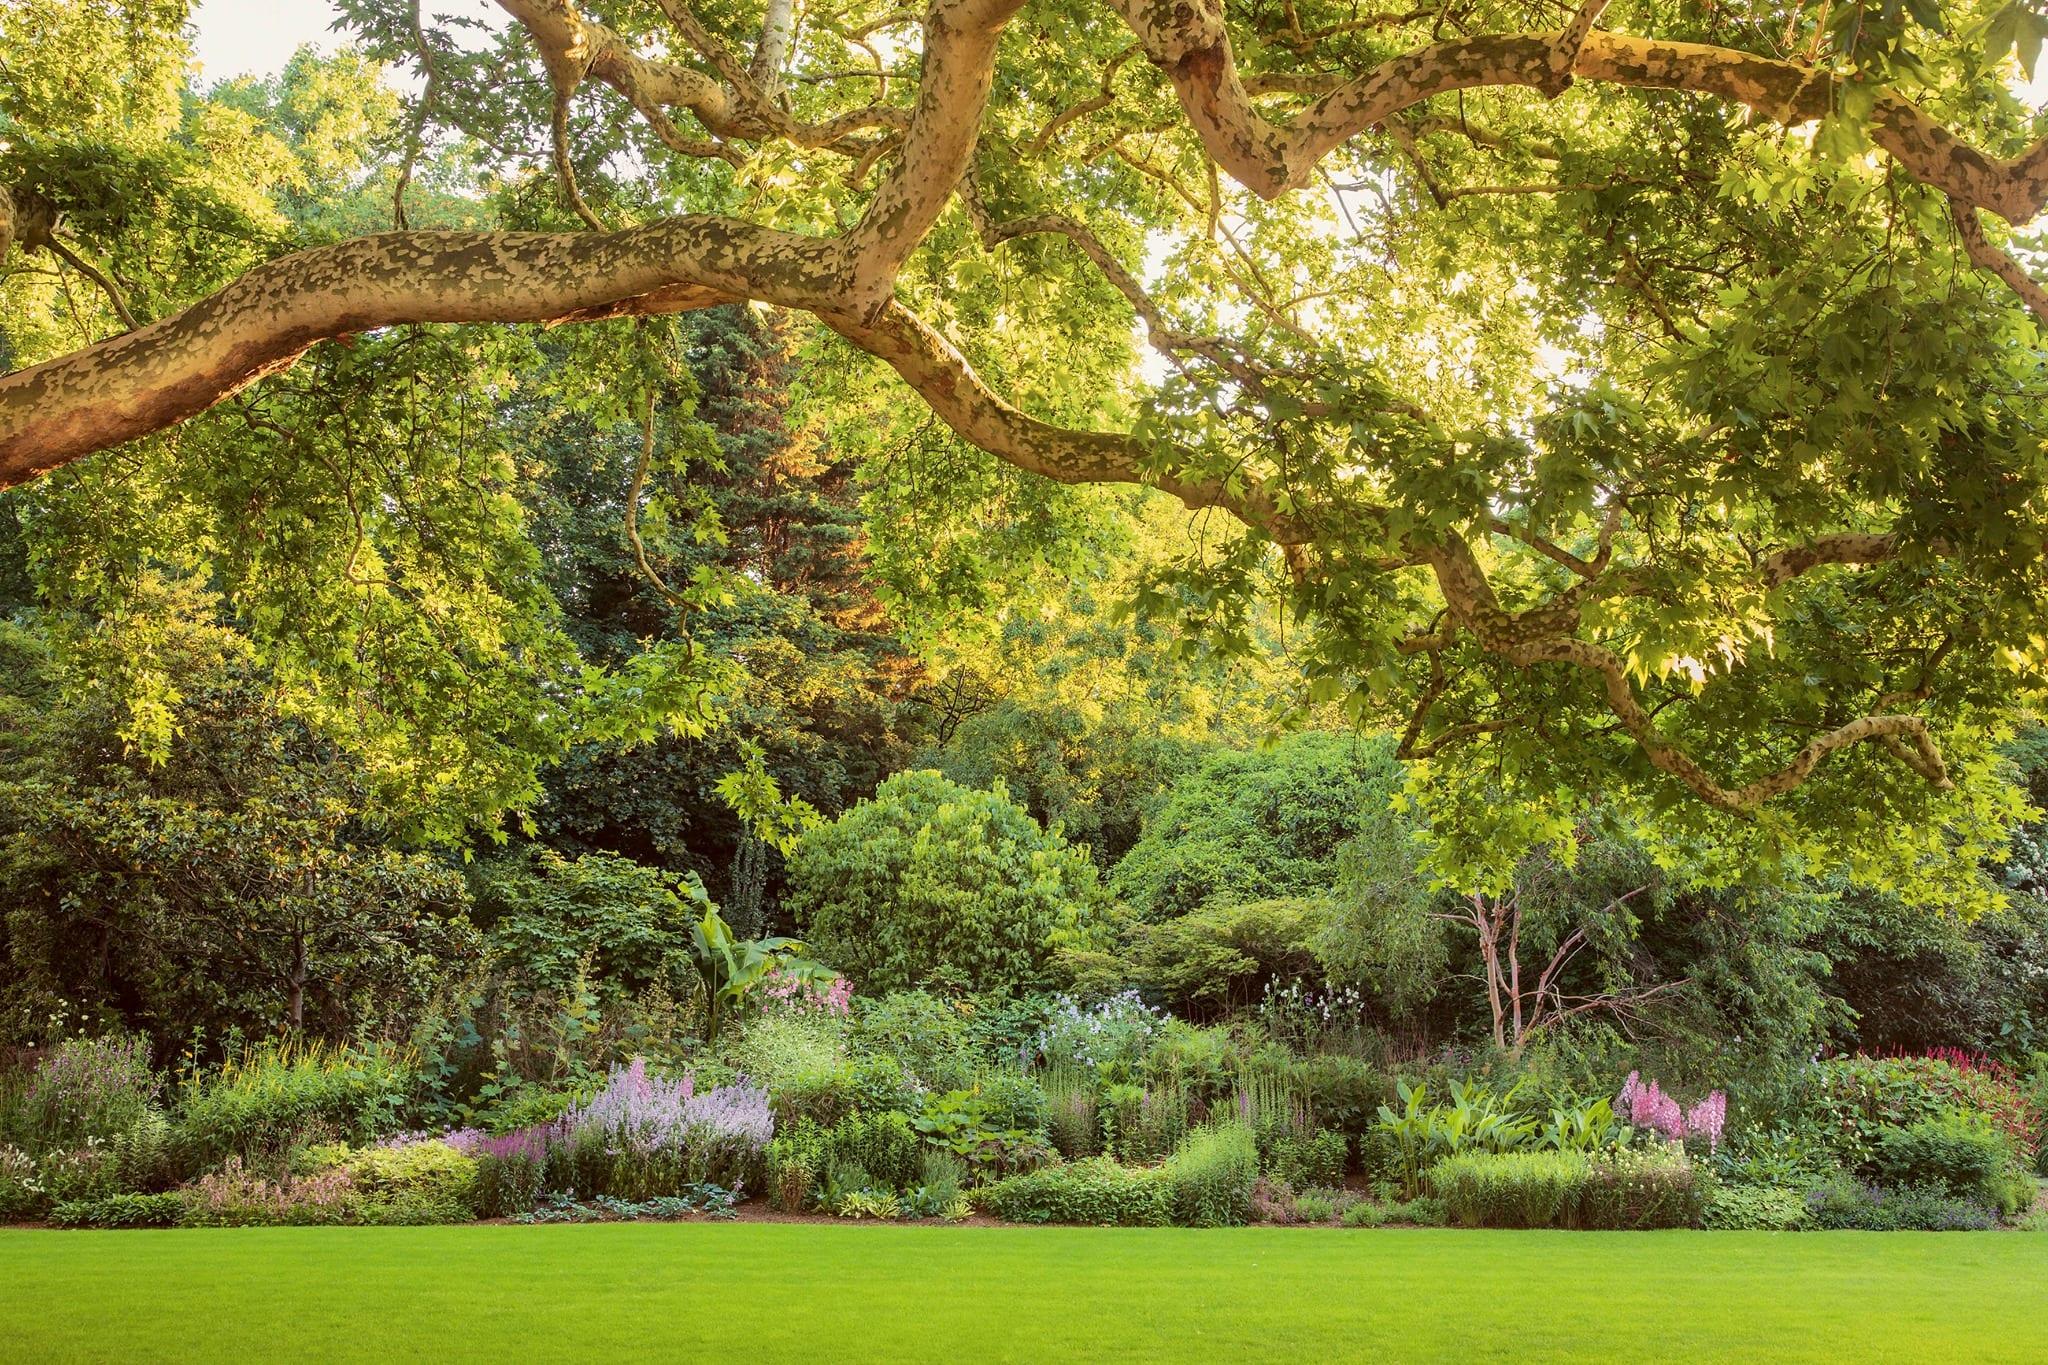 I giardini di Buckingham Palace